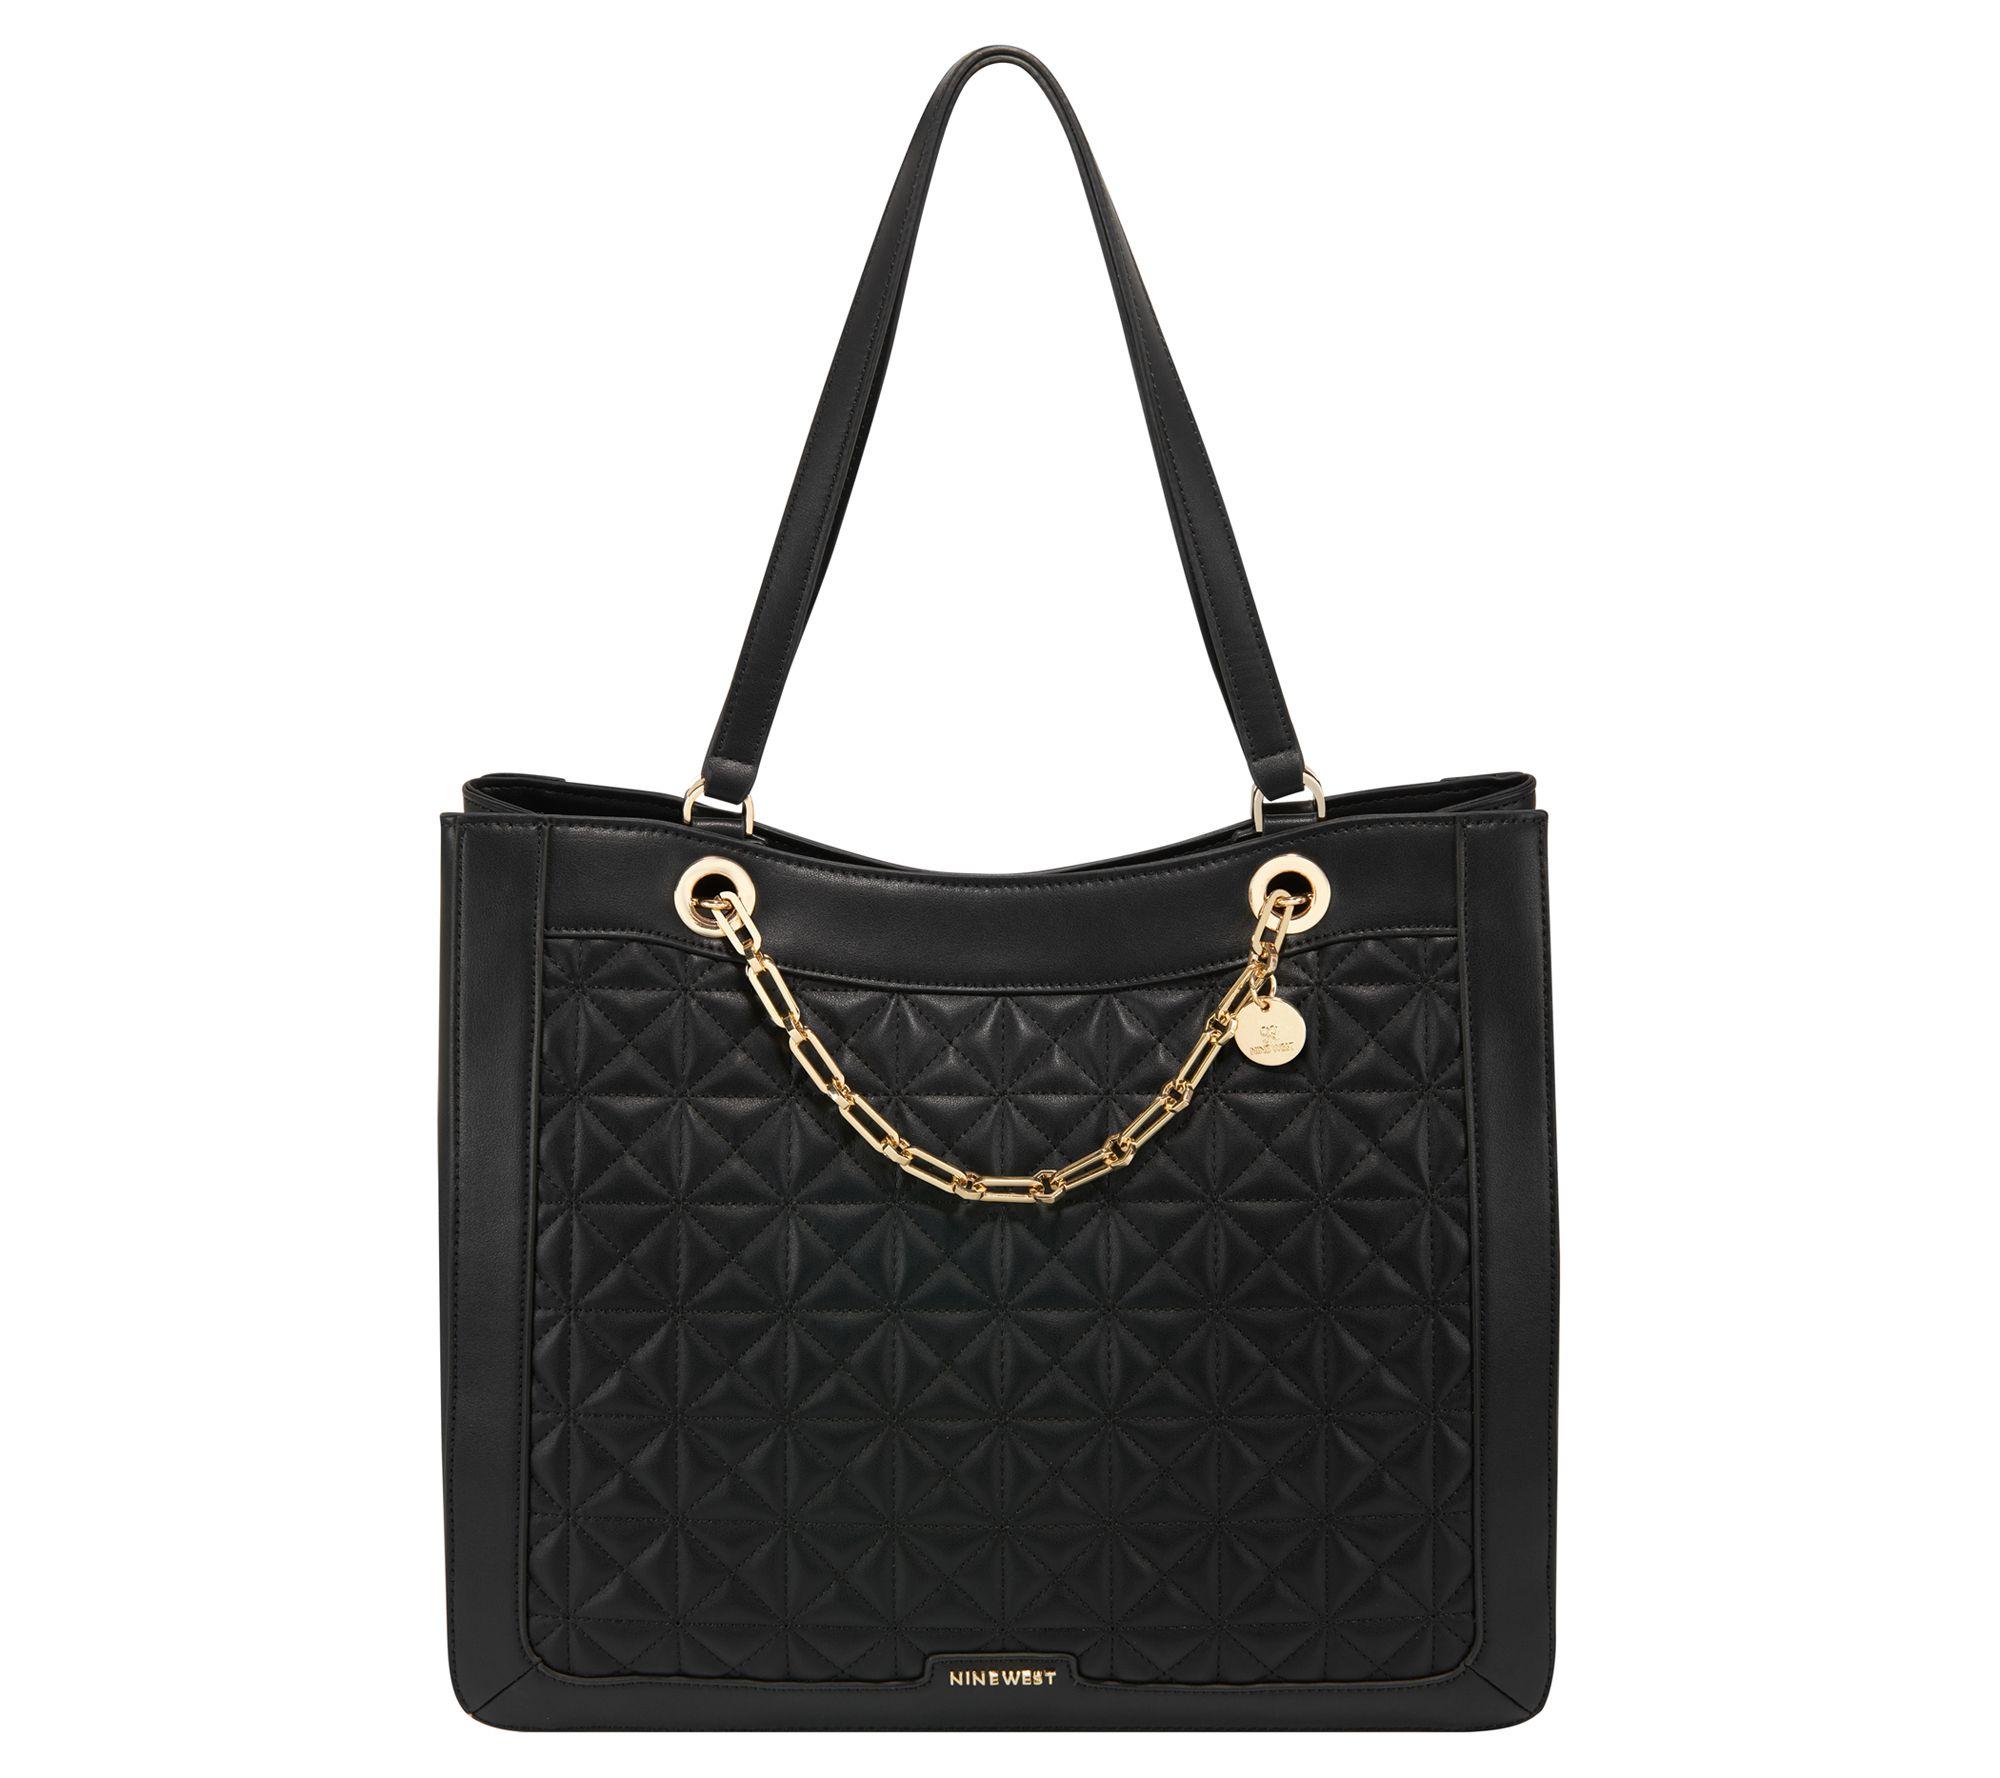 Nine West Shoulder Bag Vintage Lady Qvc